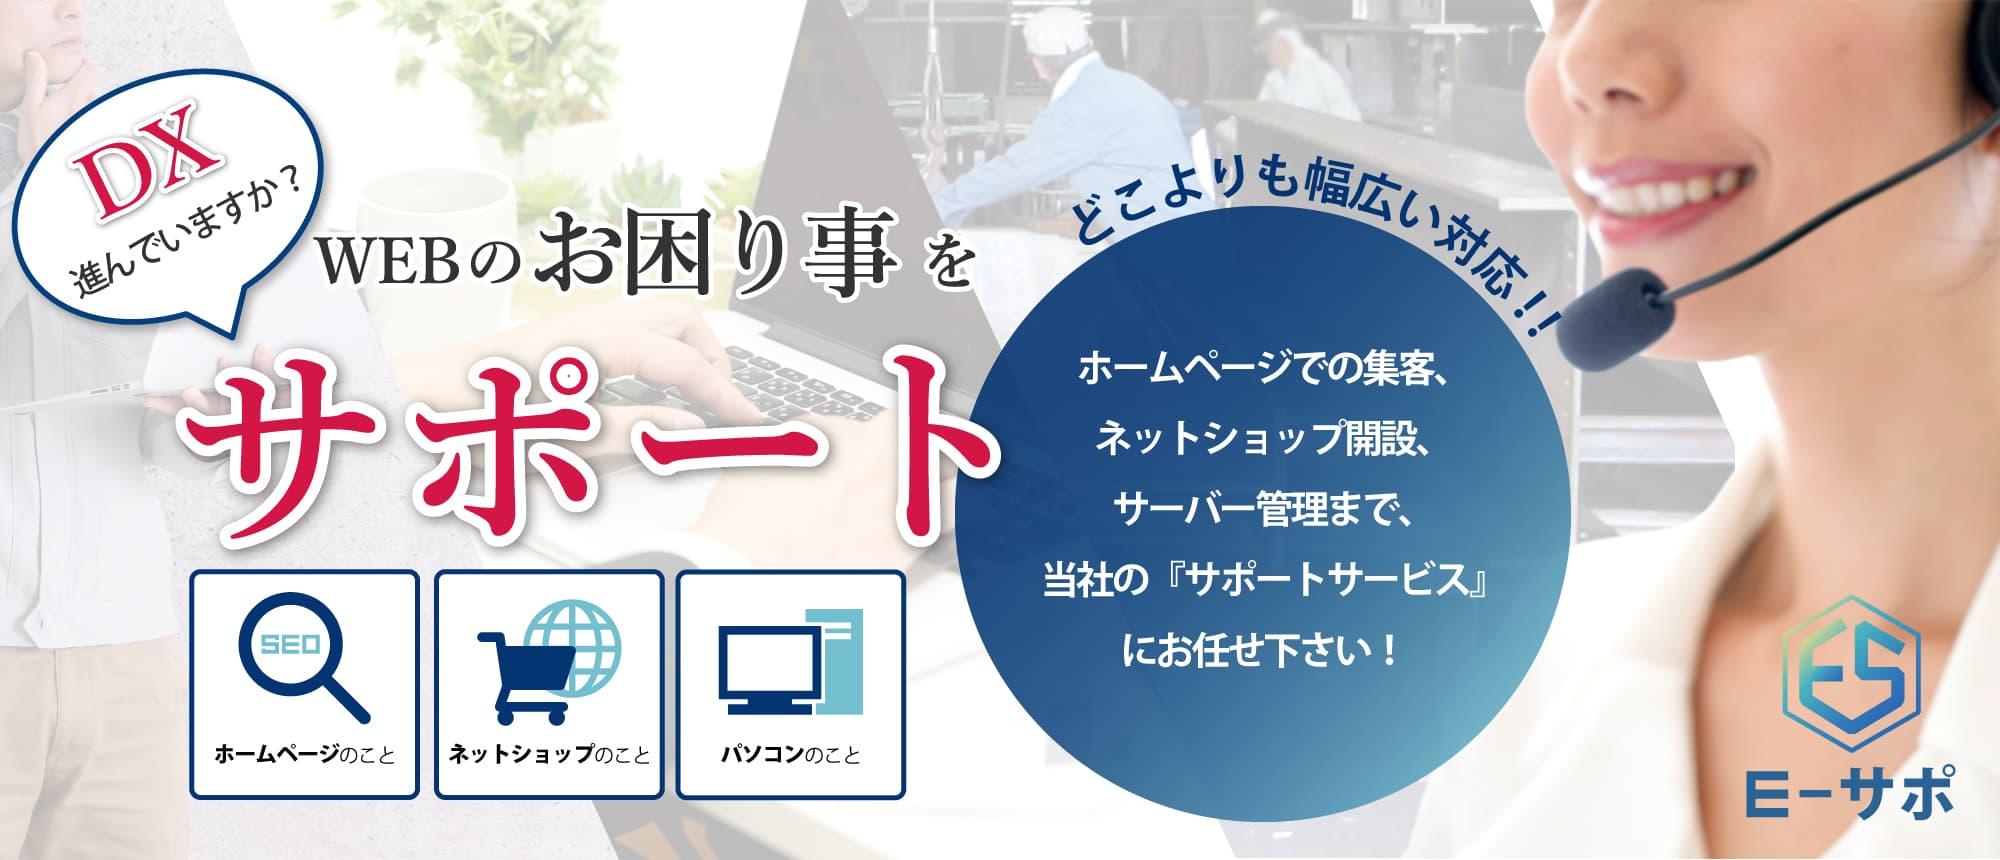 ホームページでの集客、ネットショップ開設、サーバー管理まで、当社のサポートサービス「E-サポ」にお任せ下さい!